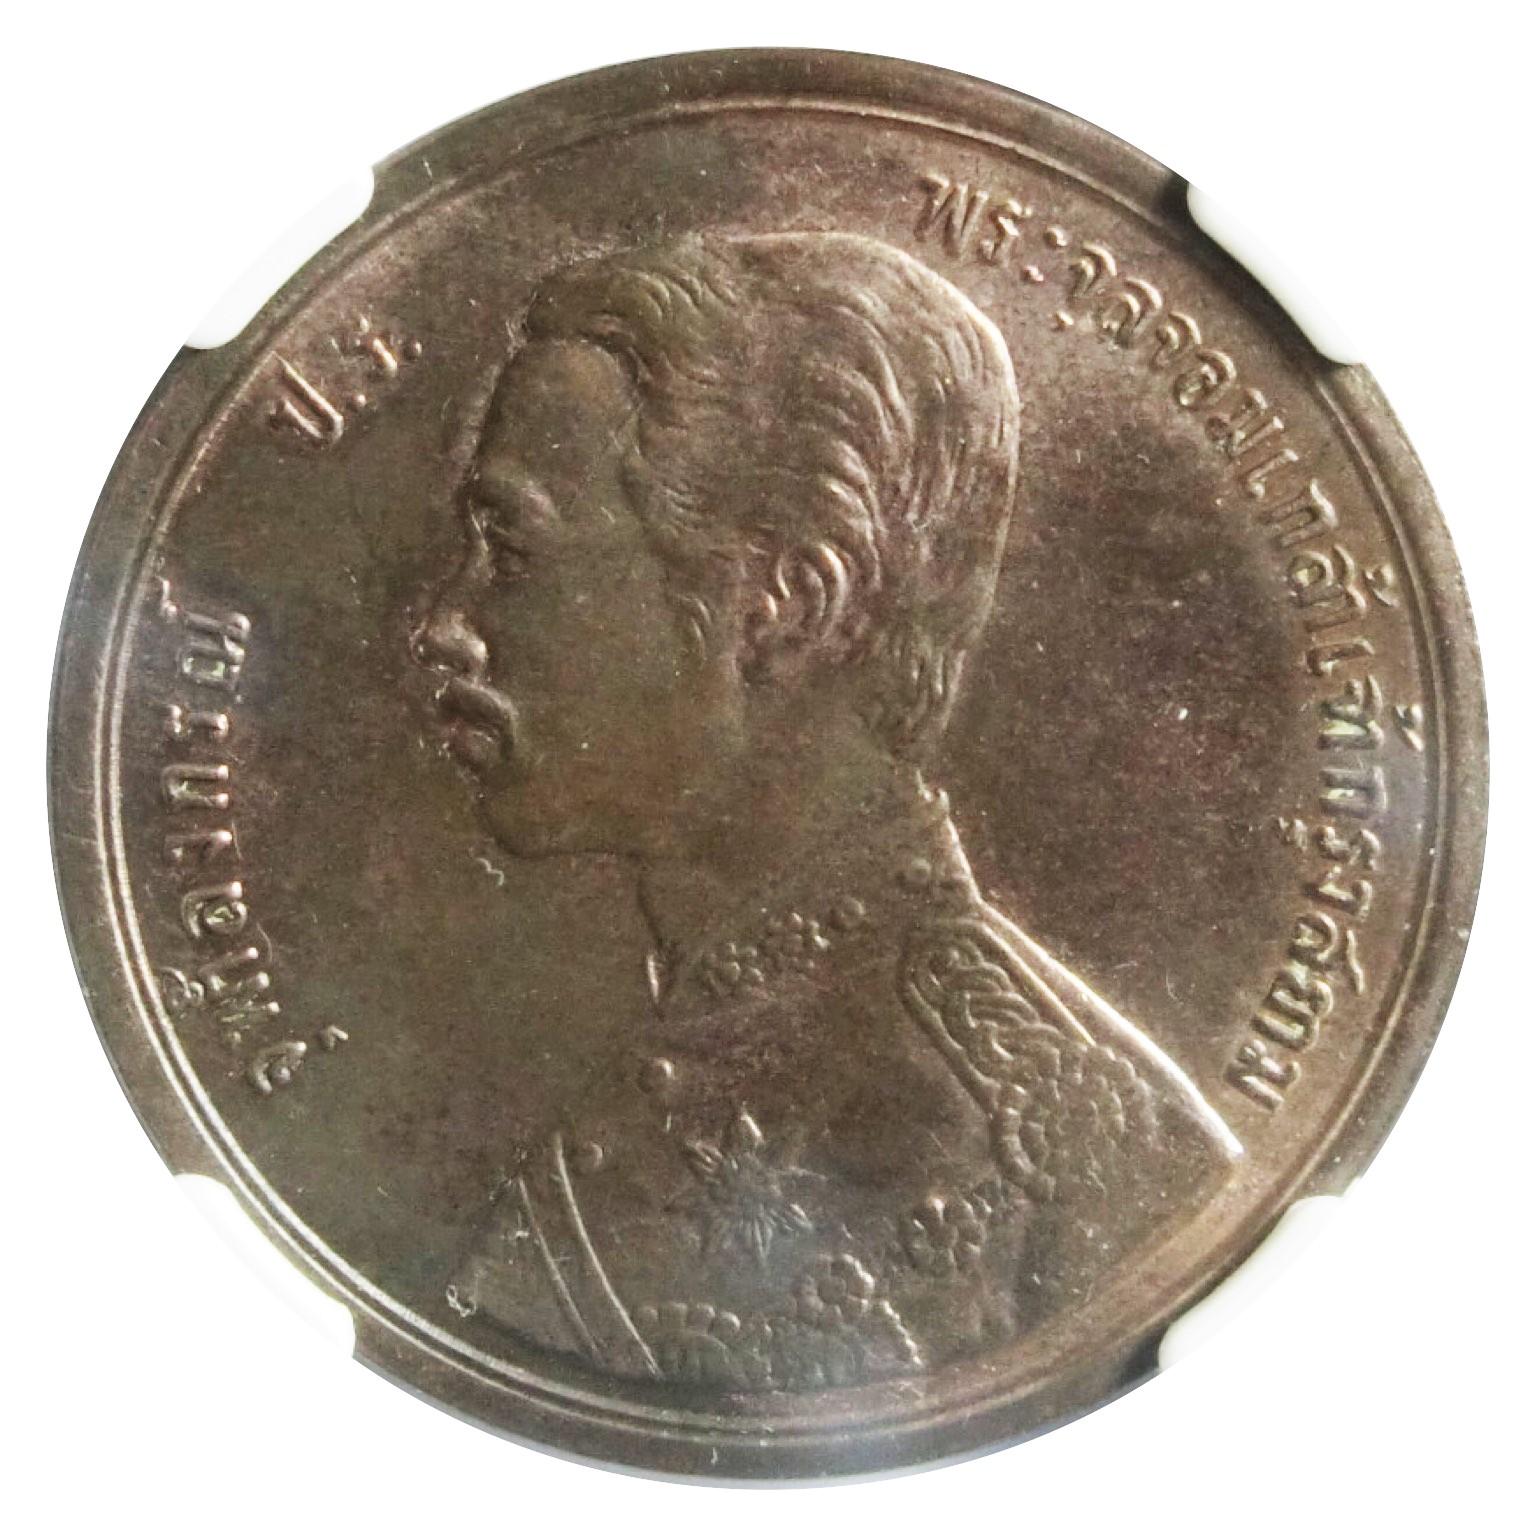 เหรียญกษาปณ์ทองแดง พระสยาม รัชกาลที่๕ ร.ศ.114 ชนิดราคาเซี่ยว(2อัฐ)